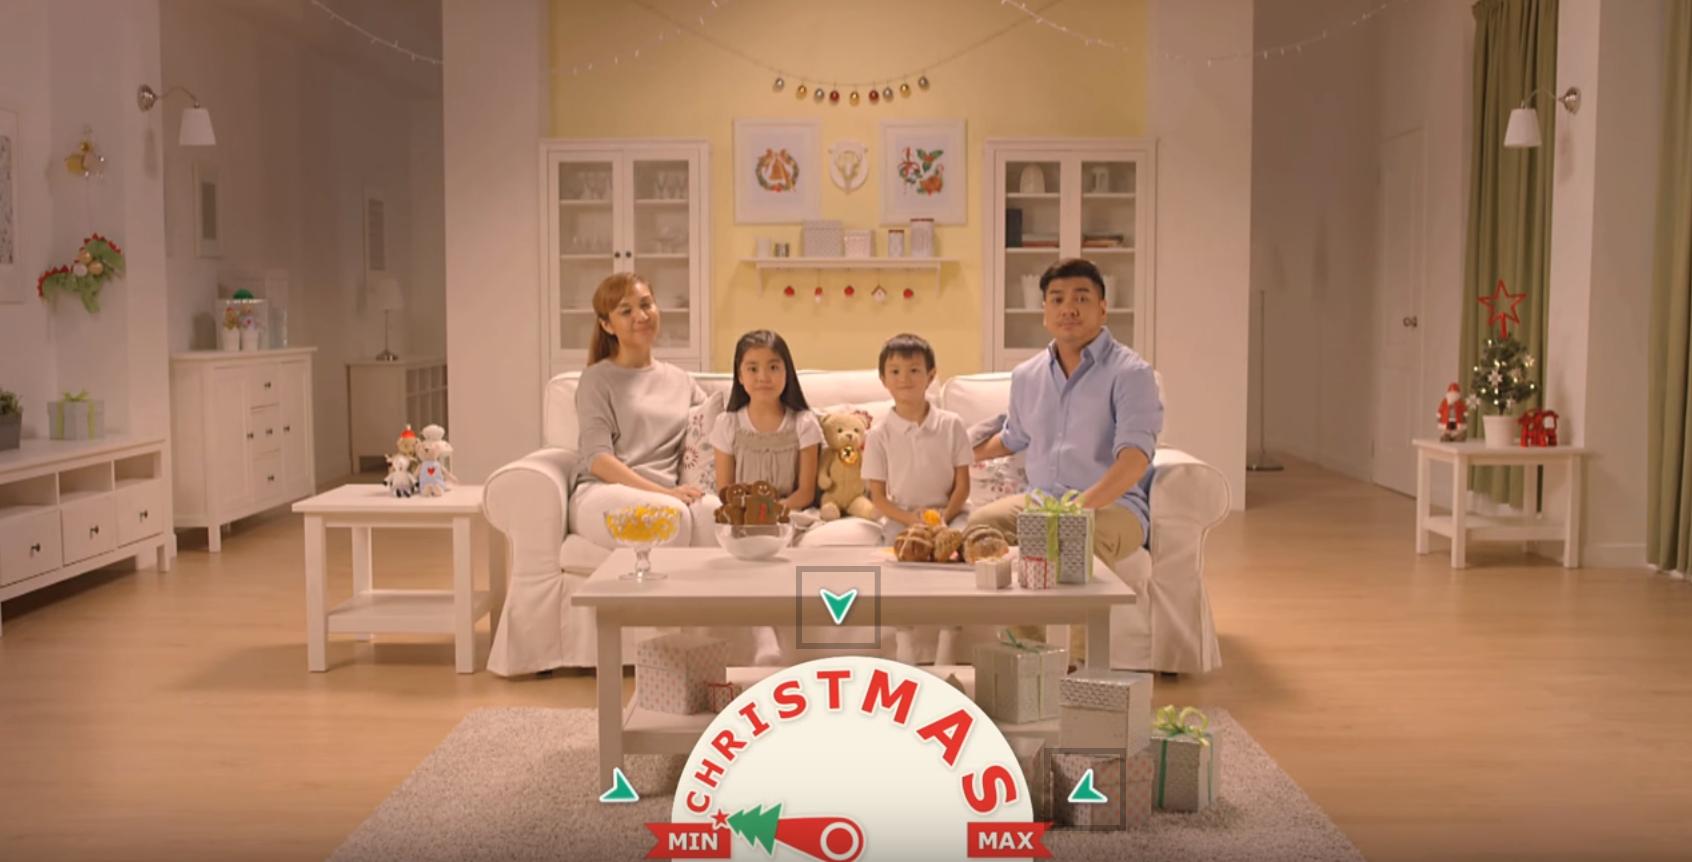 D'abord très minimaliste, cette famille se retrouve vite envahi de décoration de Noël